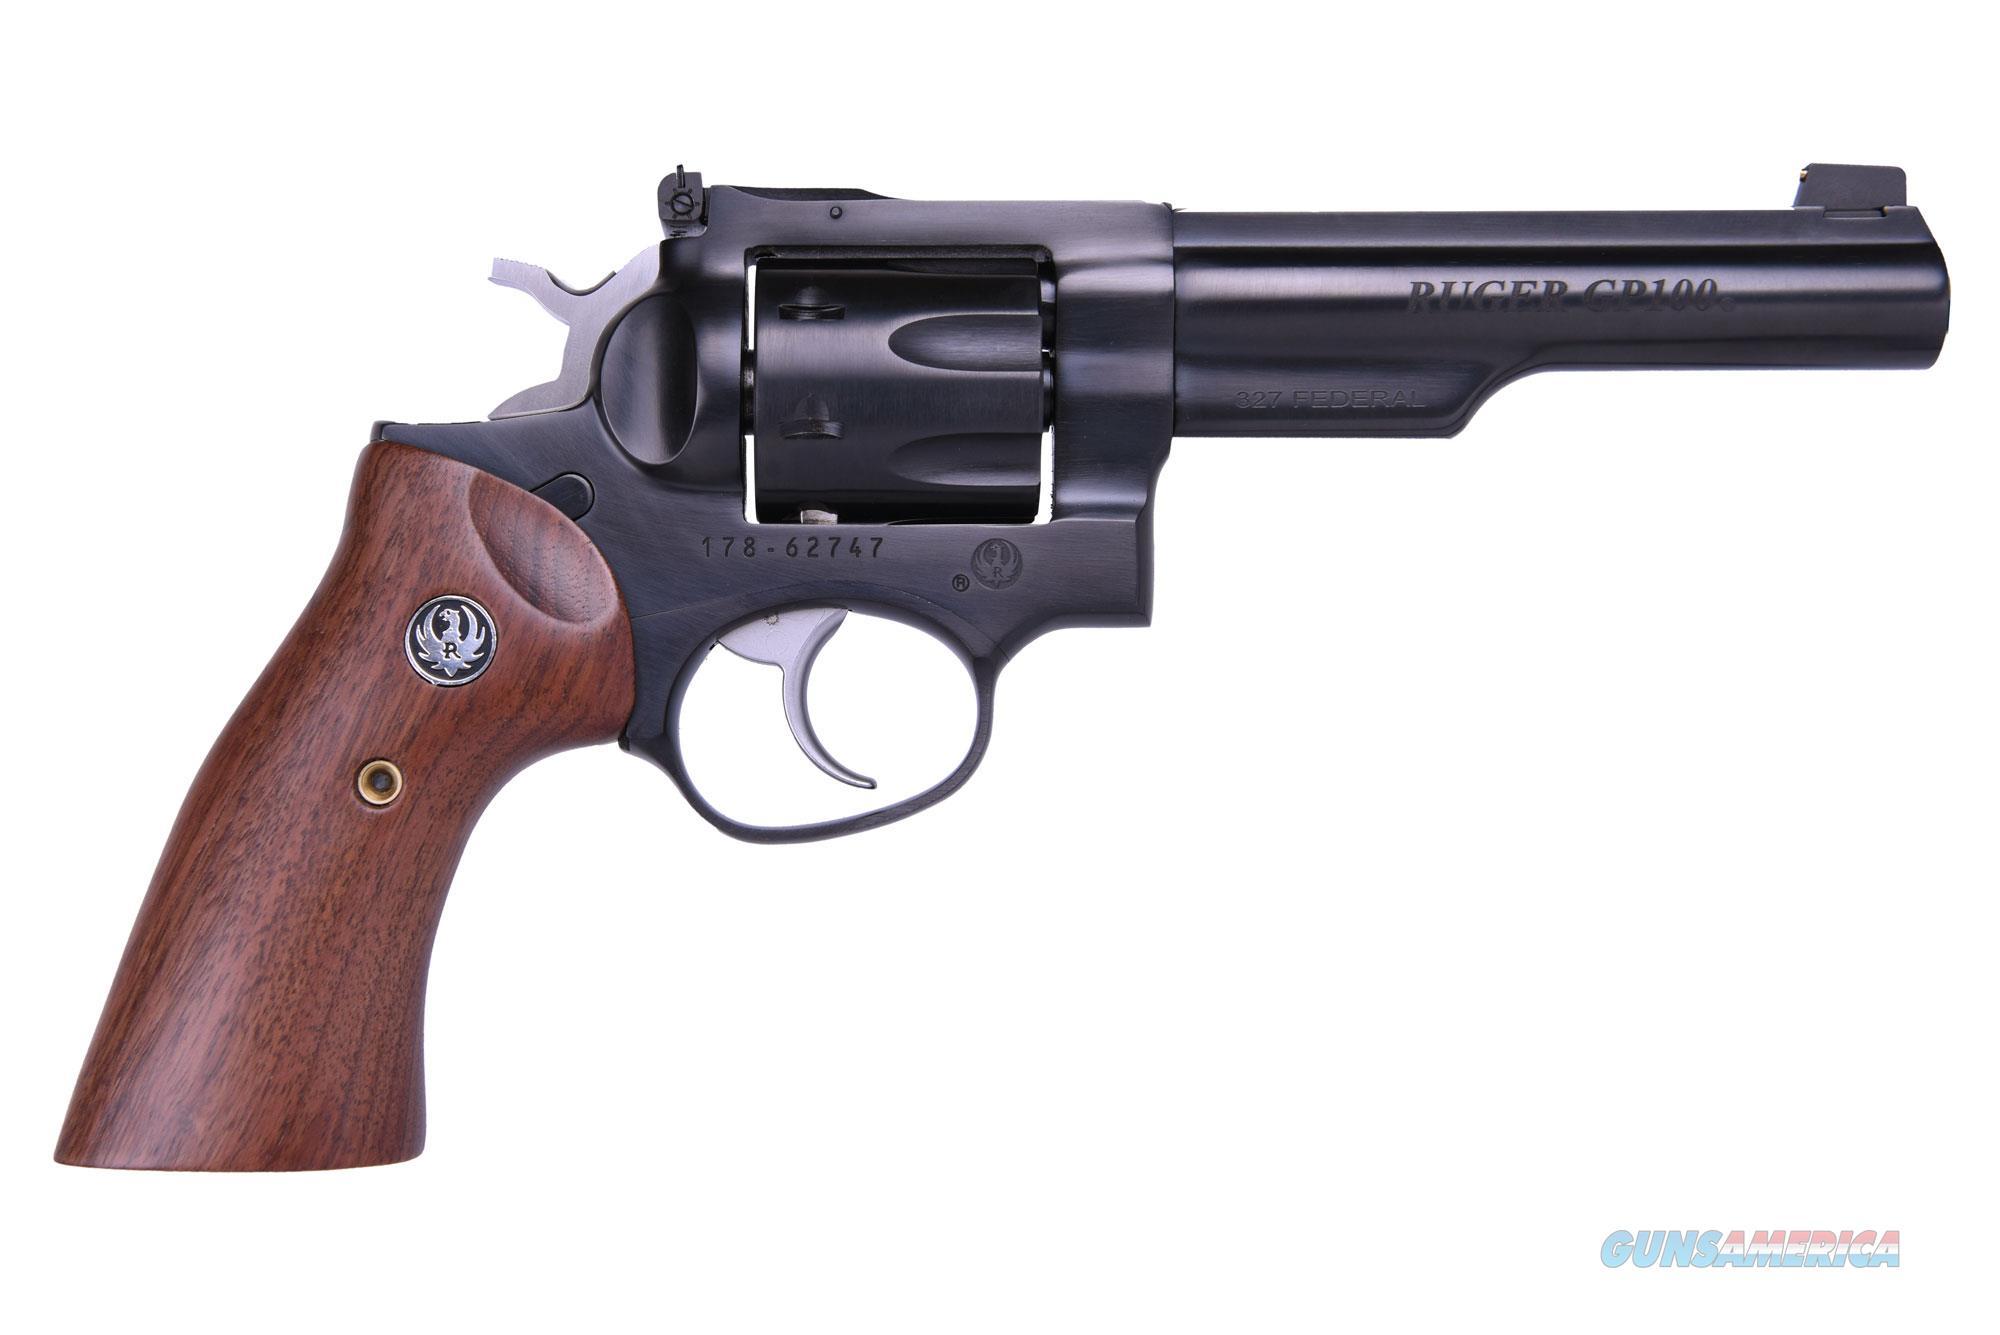 Ruger GP100 327FED BLUE 5 HALF LUG 1769 ADJ SGTS/WALNUT GRIPS  Guns > Pistols > Ruger Double Action Revolver > SP101 Type